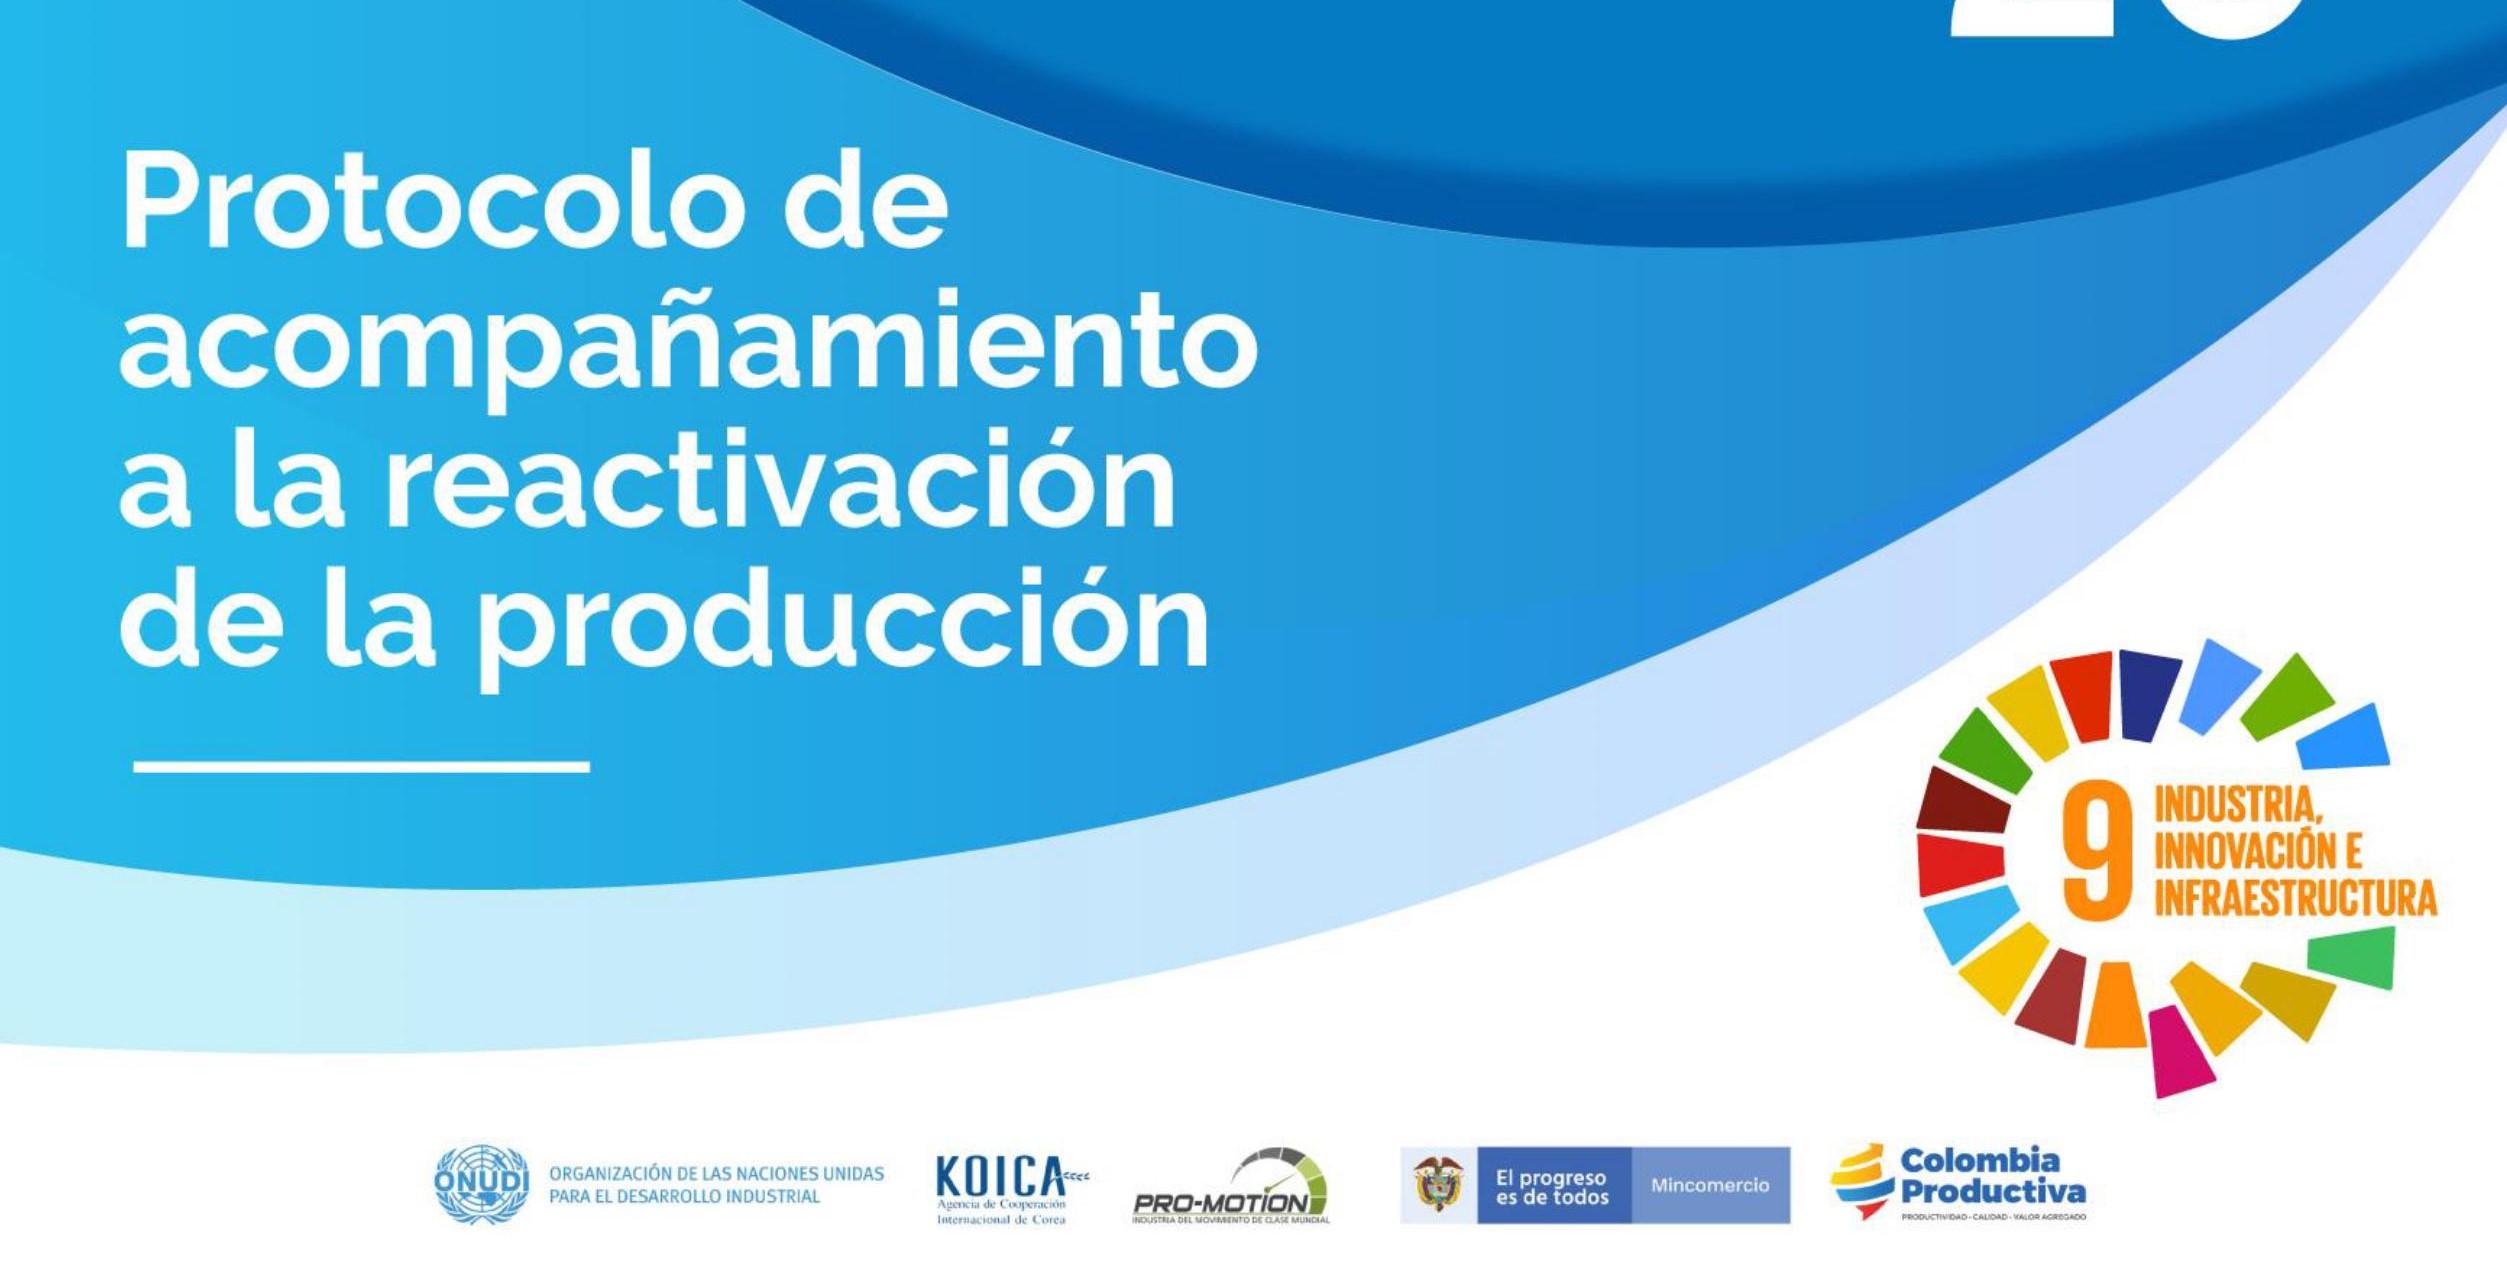 Protocolo de acompañamiento a la reactivación de la producción Industria Nacional